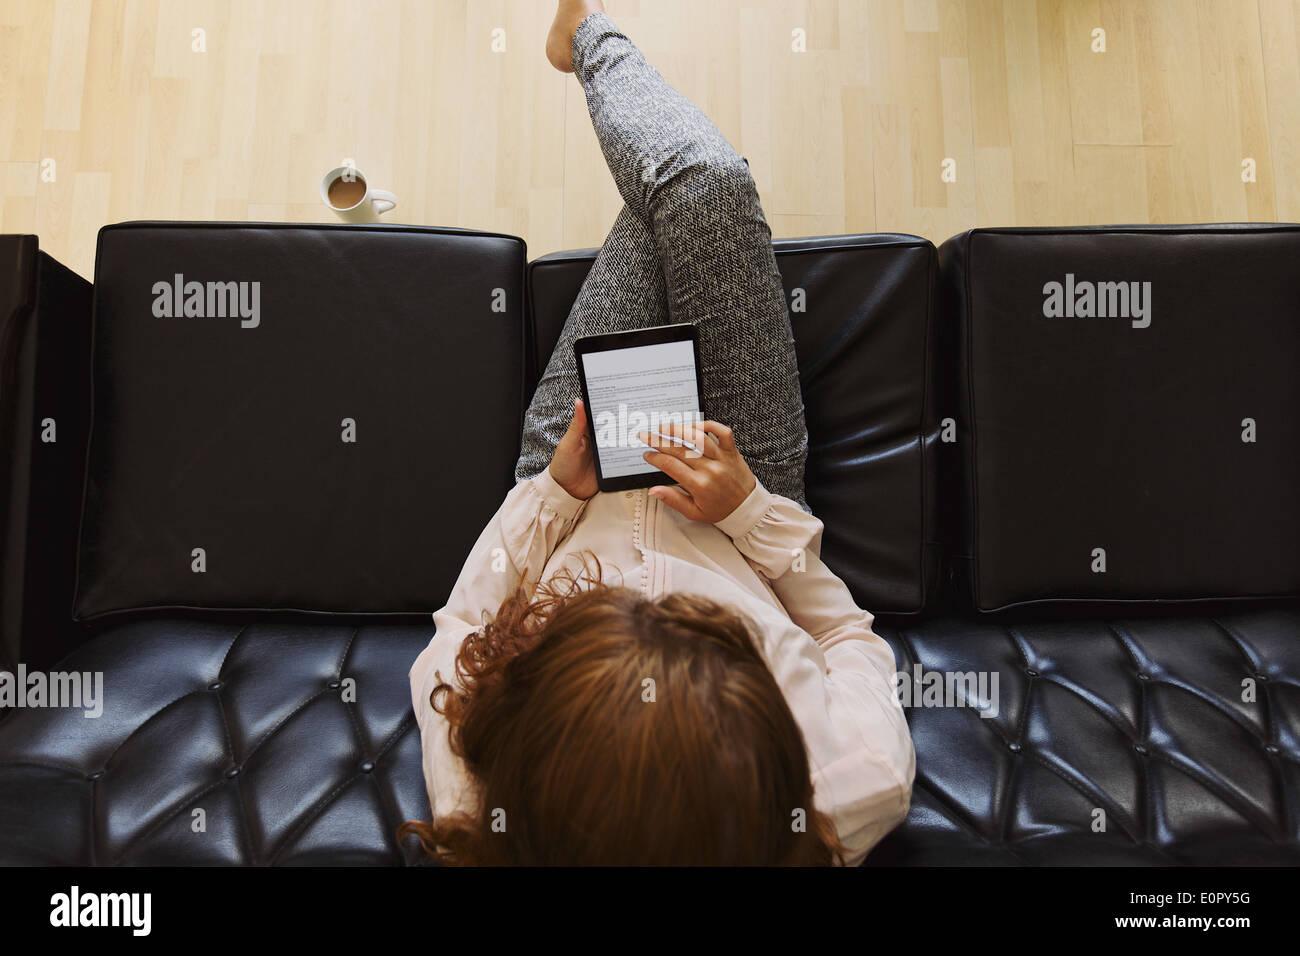 Draufsicht der junge Brünette mit digital-Tablette beim Sitzen auf einer Couch. Weiblich, ein Buch zu lesen Stockbild